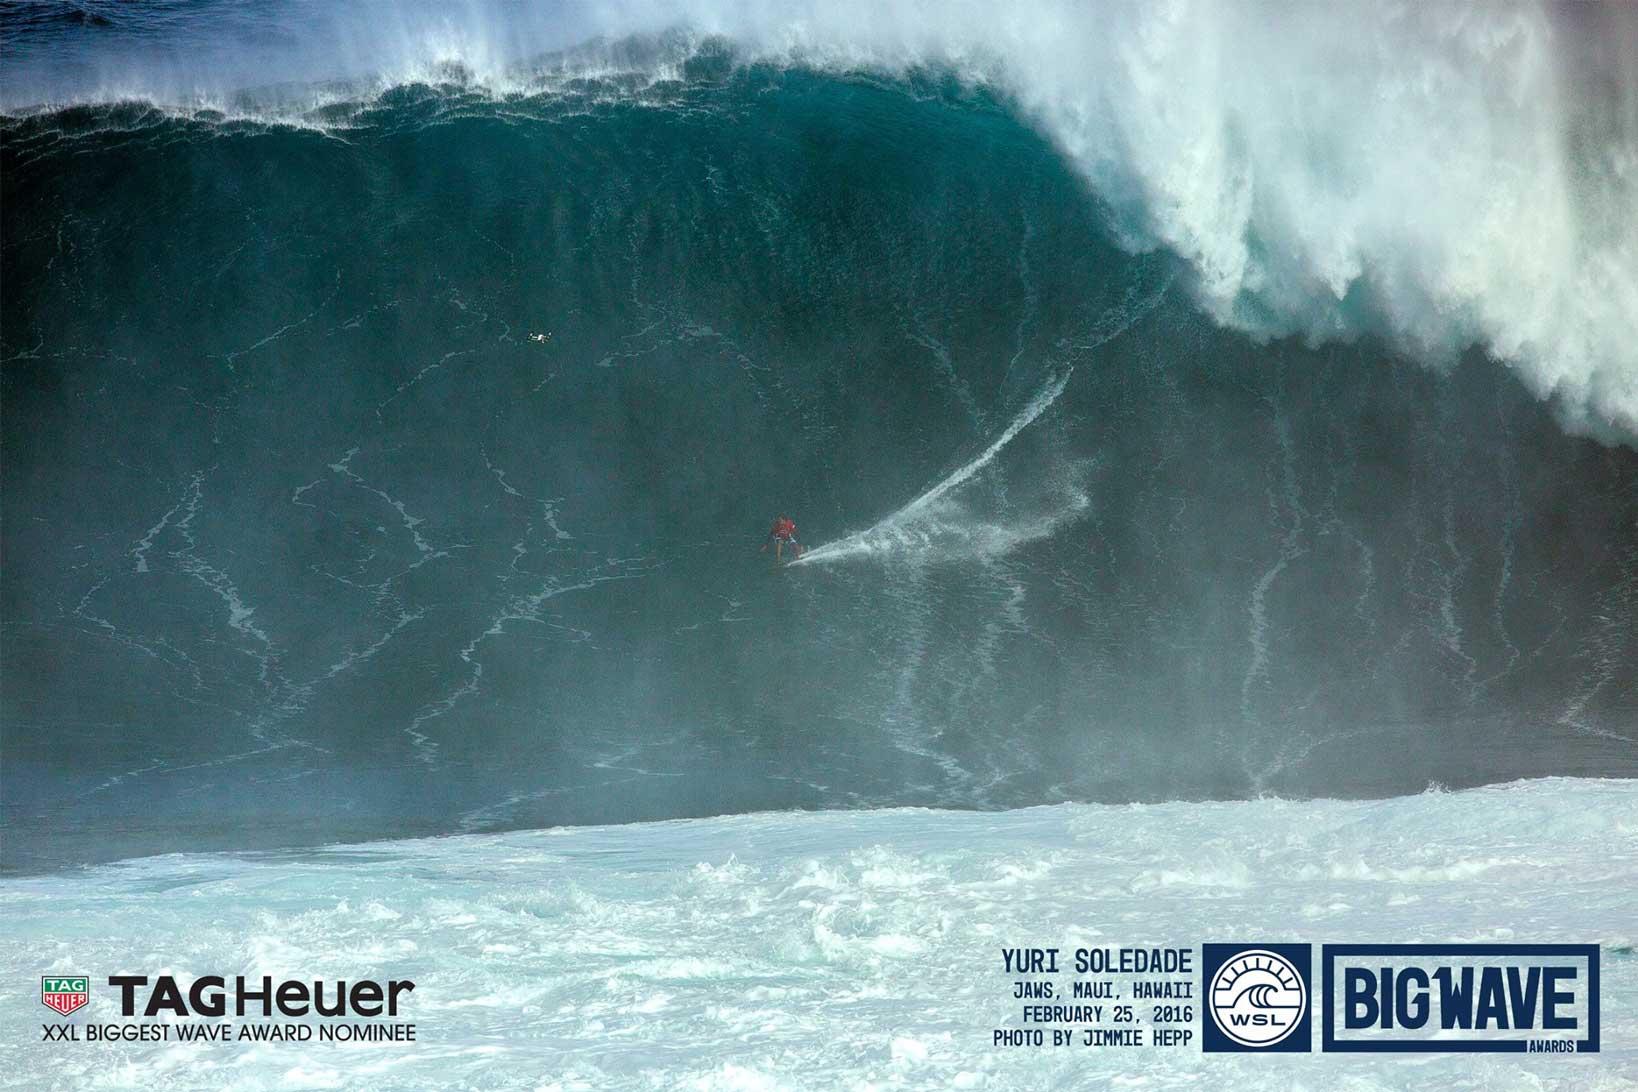 Die größte gesurfte Welle des Jahres in Bild...